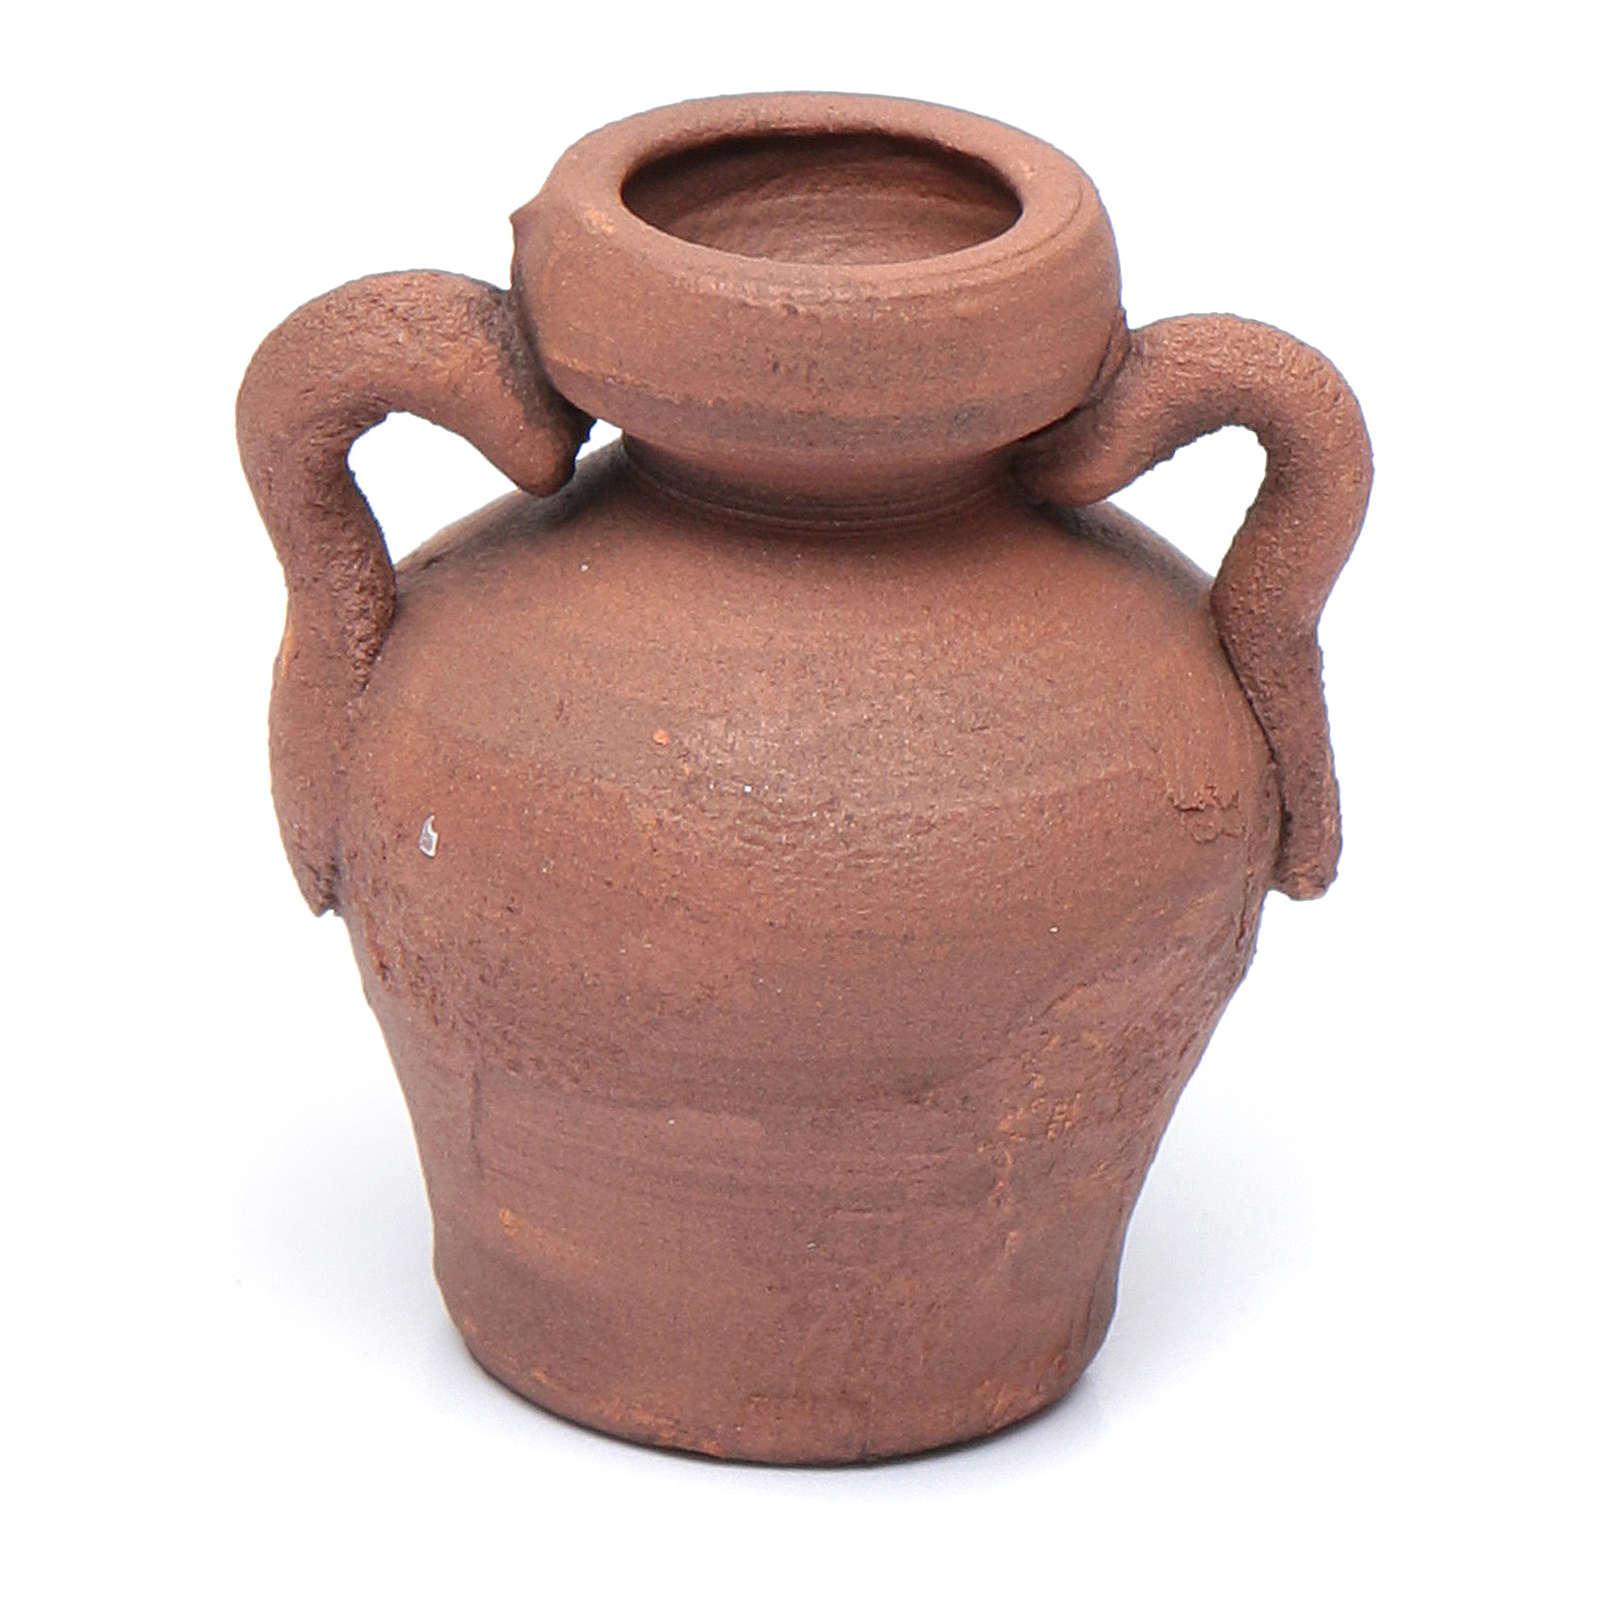 Anfora ceramica rustica h reale 2,5 cm assortita 4